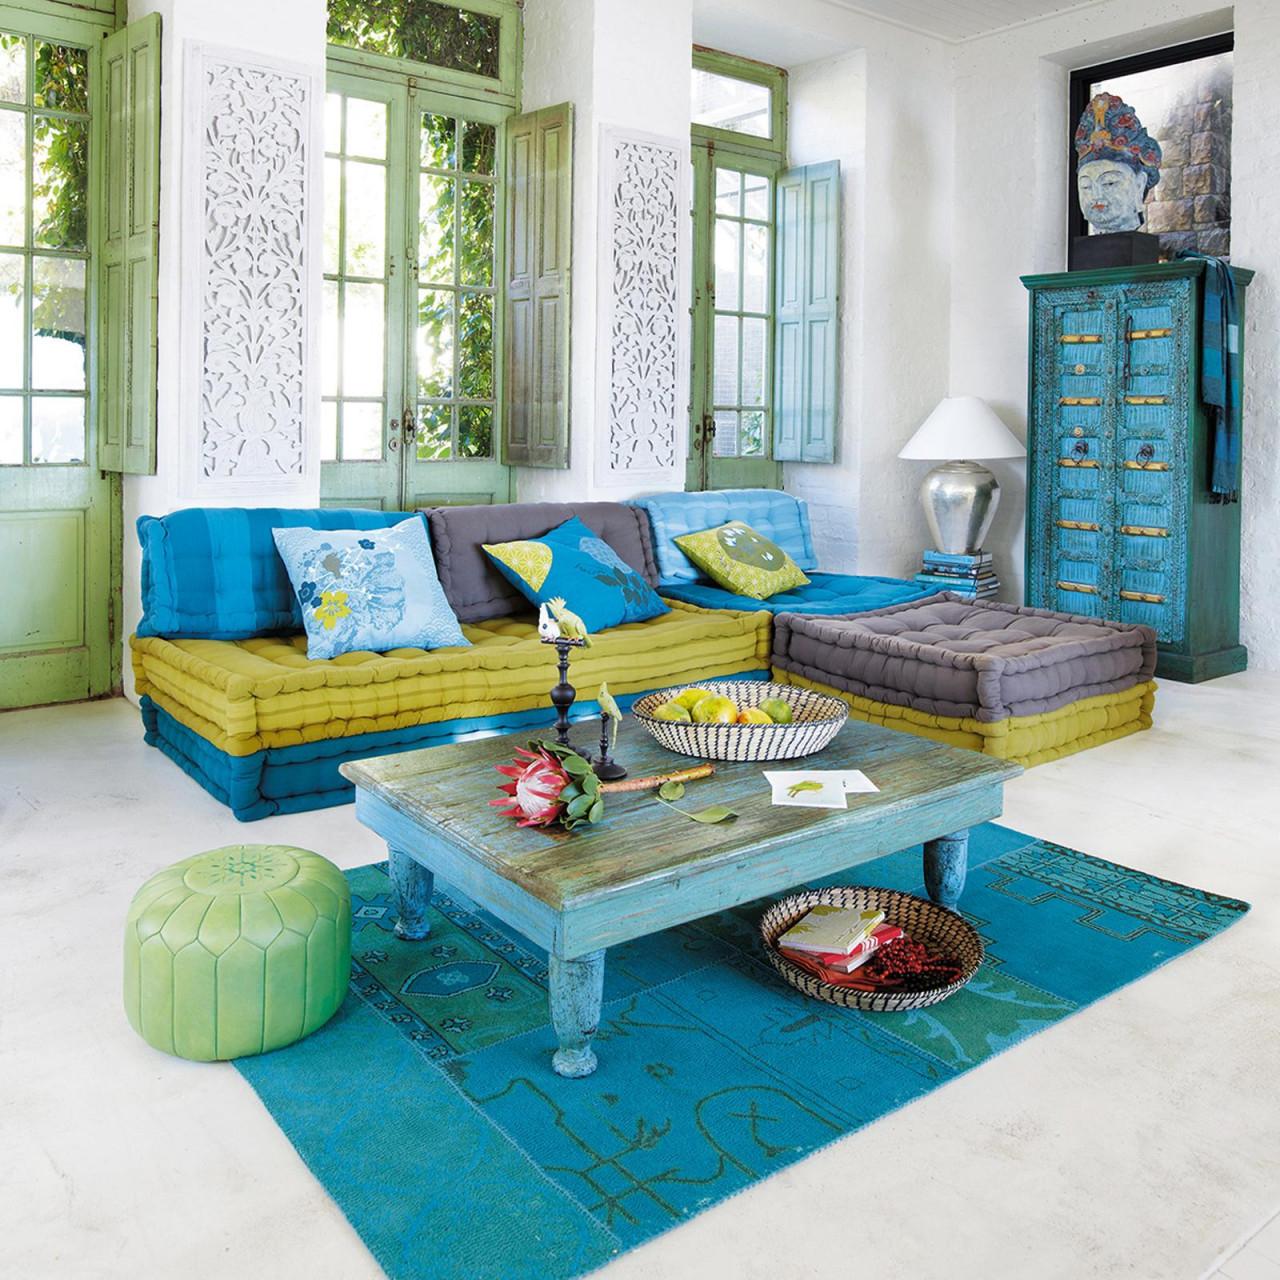 Orientalische Einrichtung Im Wohnzimmer Couchtisch von Wohnzimmer Orientalisch Einrichten Bild